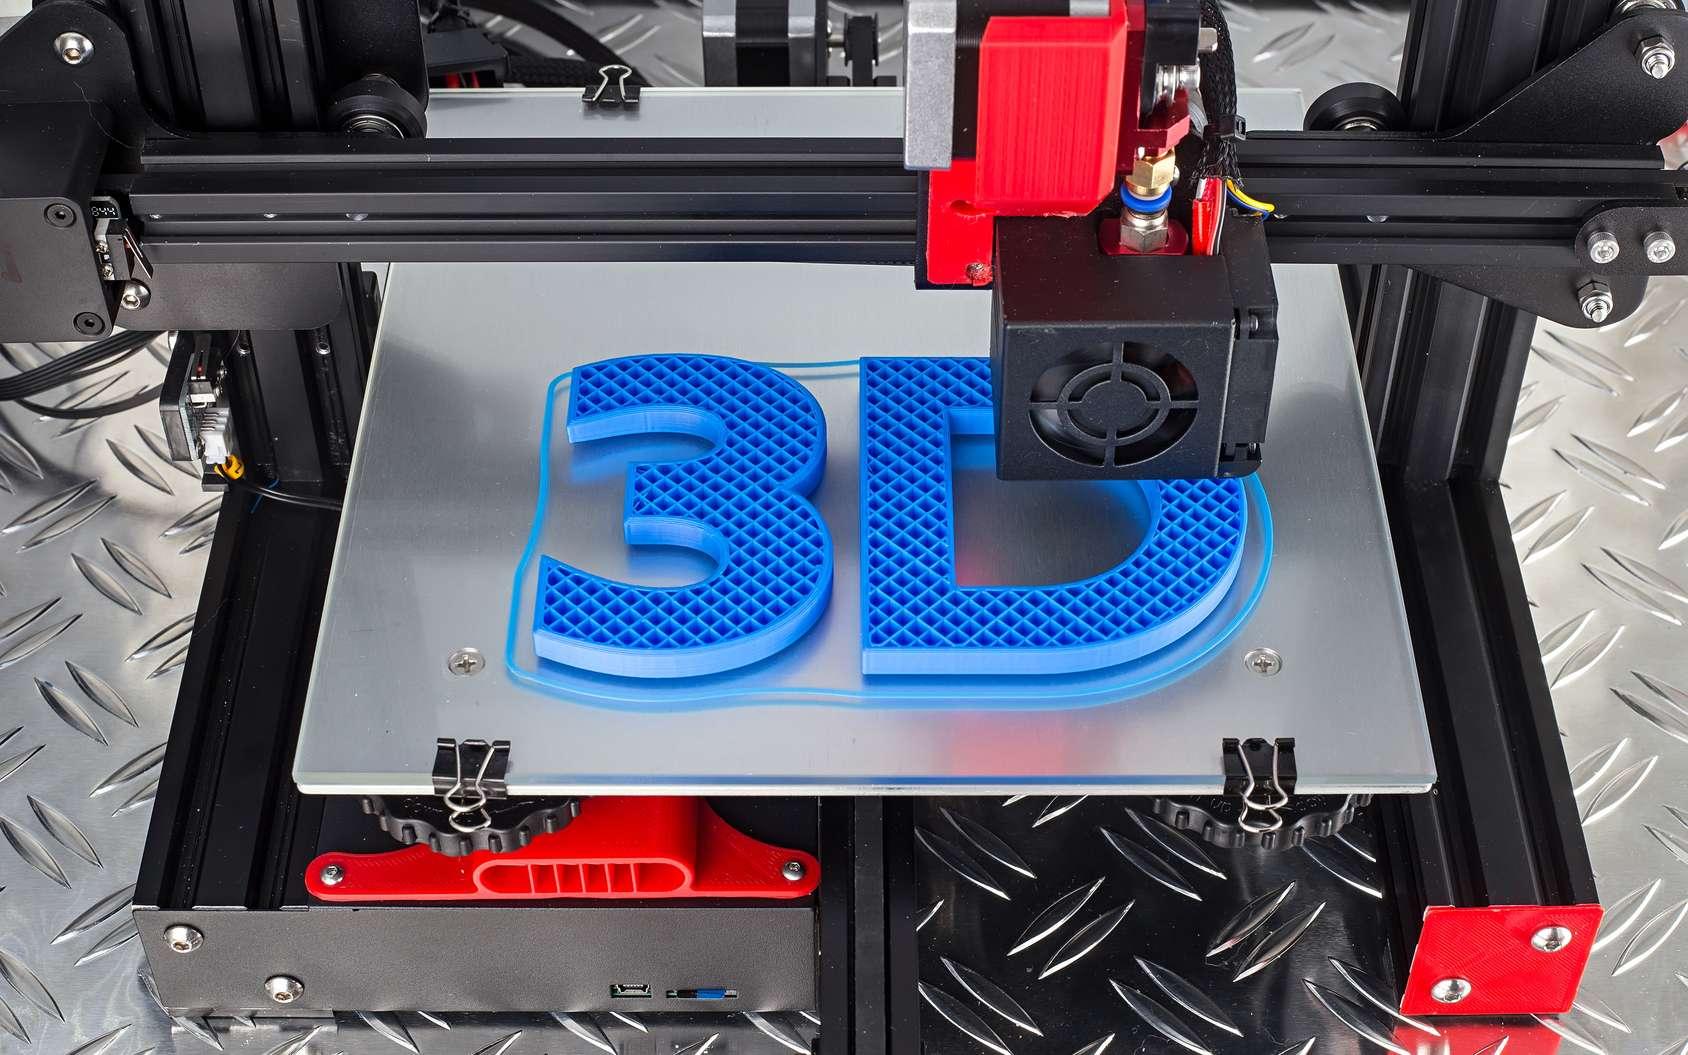 L'impression 3D est une innovation de rupture révolutionnaire tant pour les professionnels que pour les particuliers. © Stockphoto-graf, Fotolia